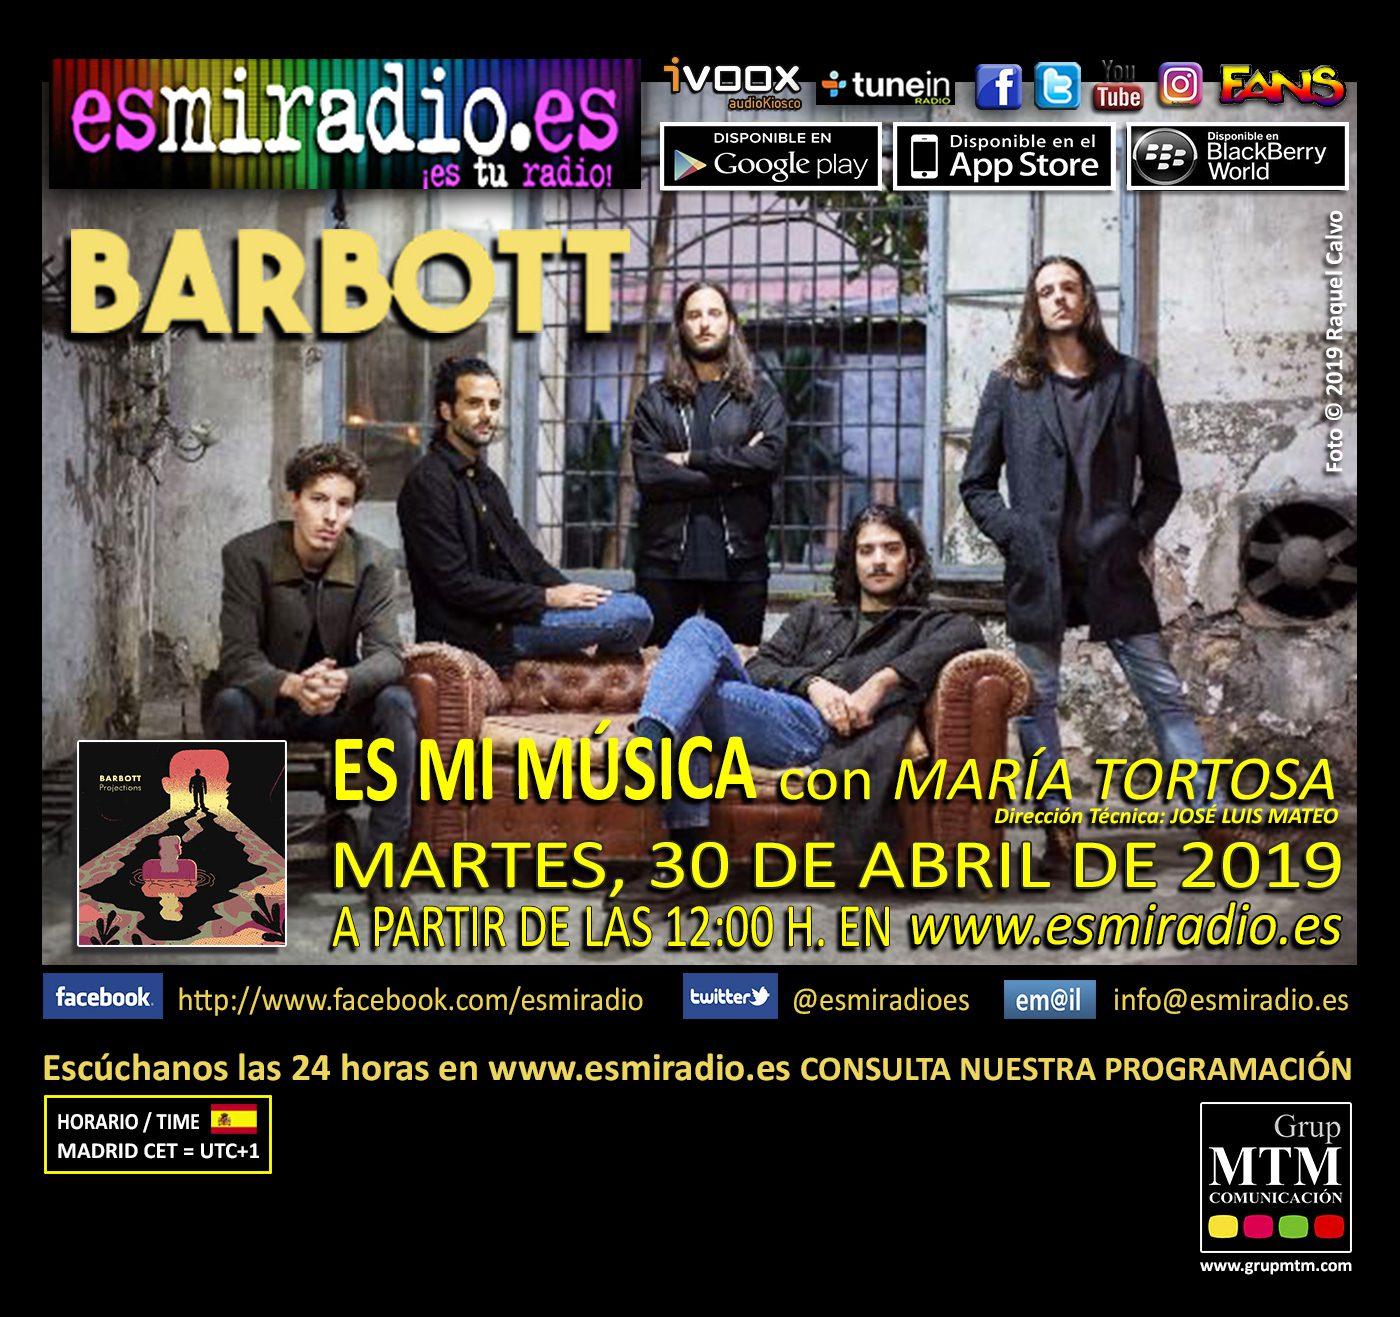 Barbott esmiradio